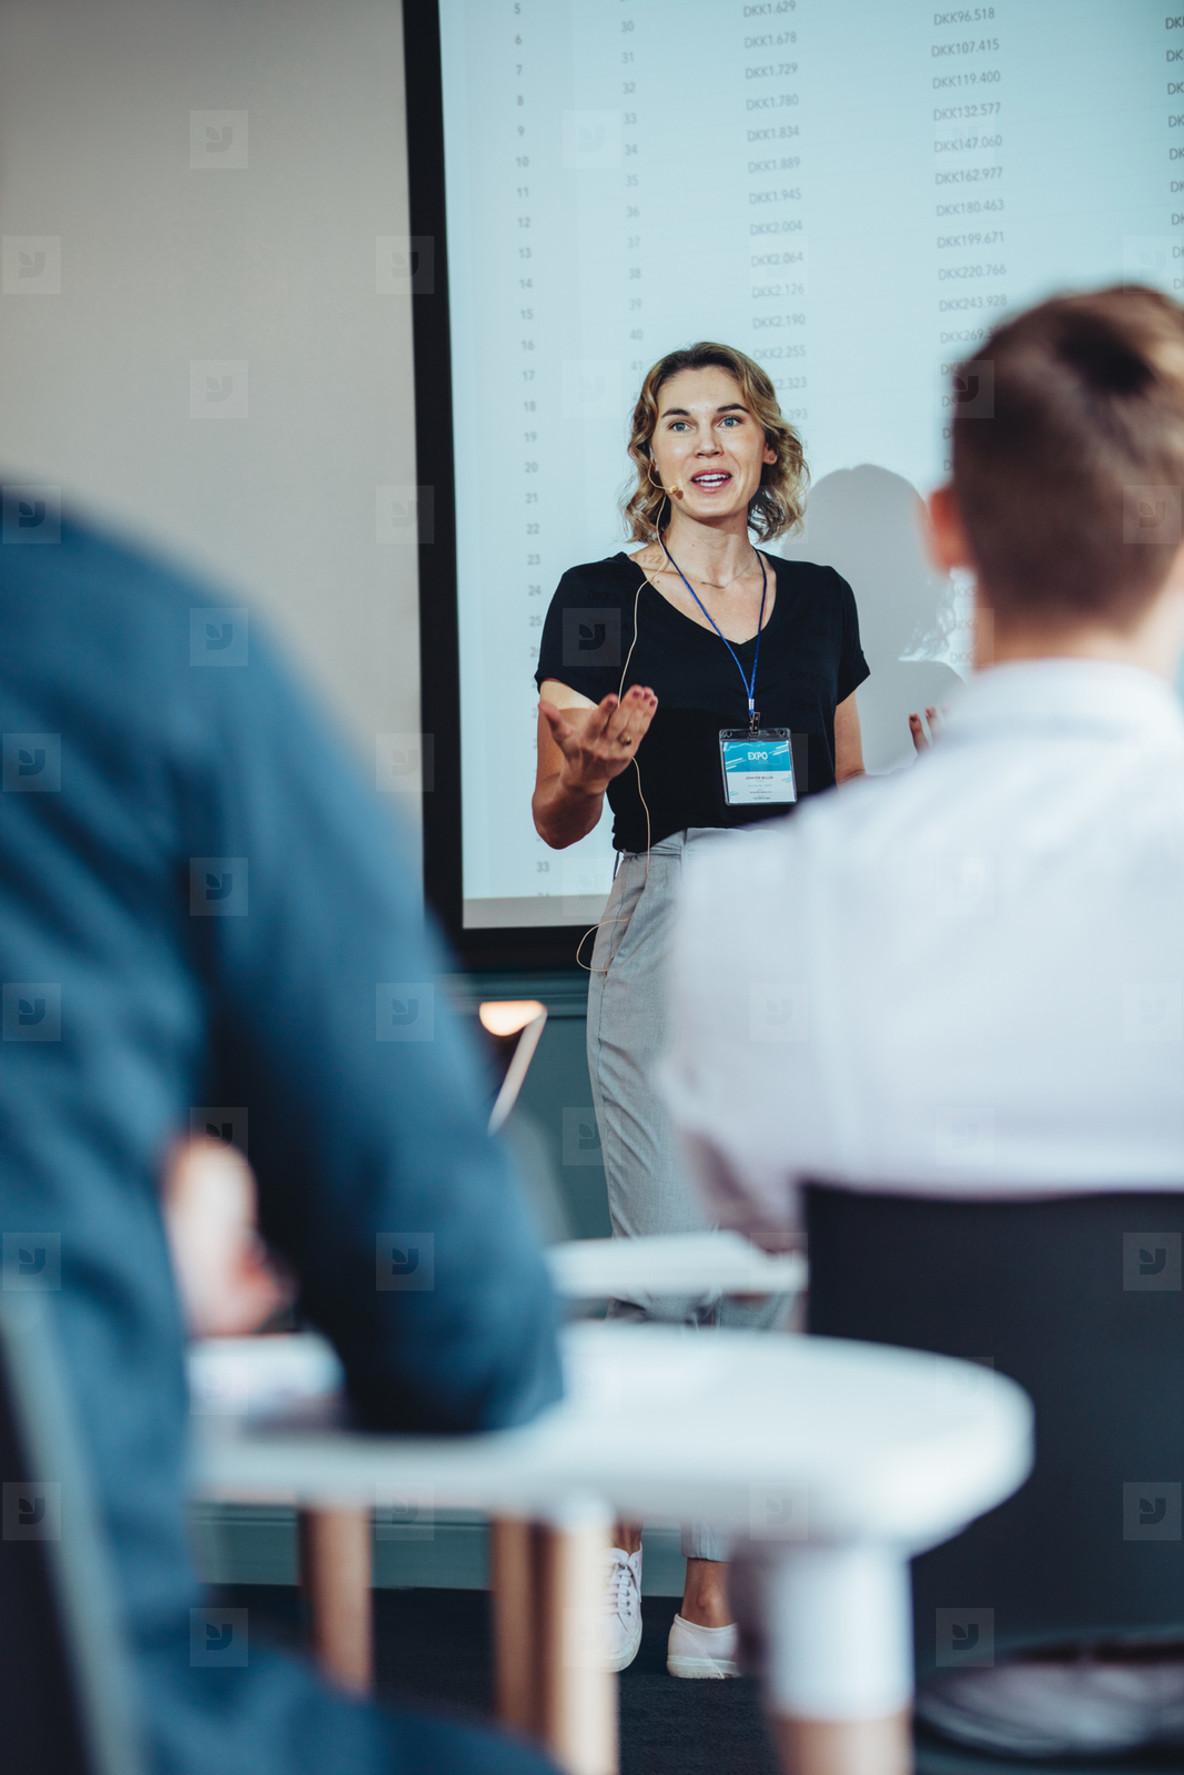 Entrepreneur delivering an informative presentation